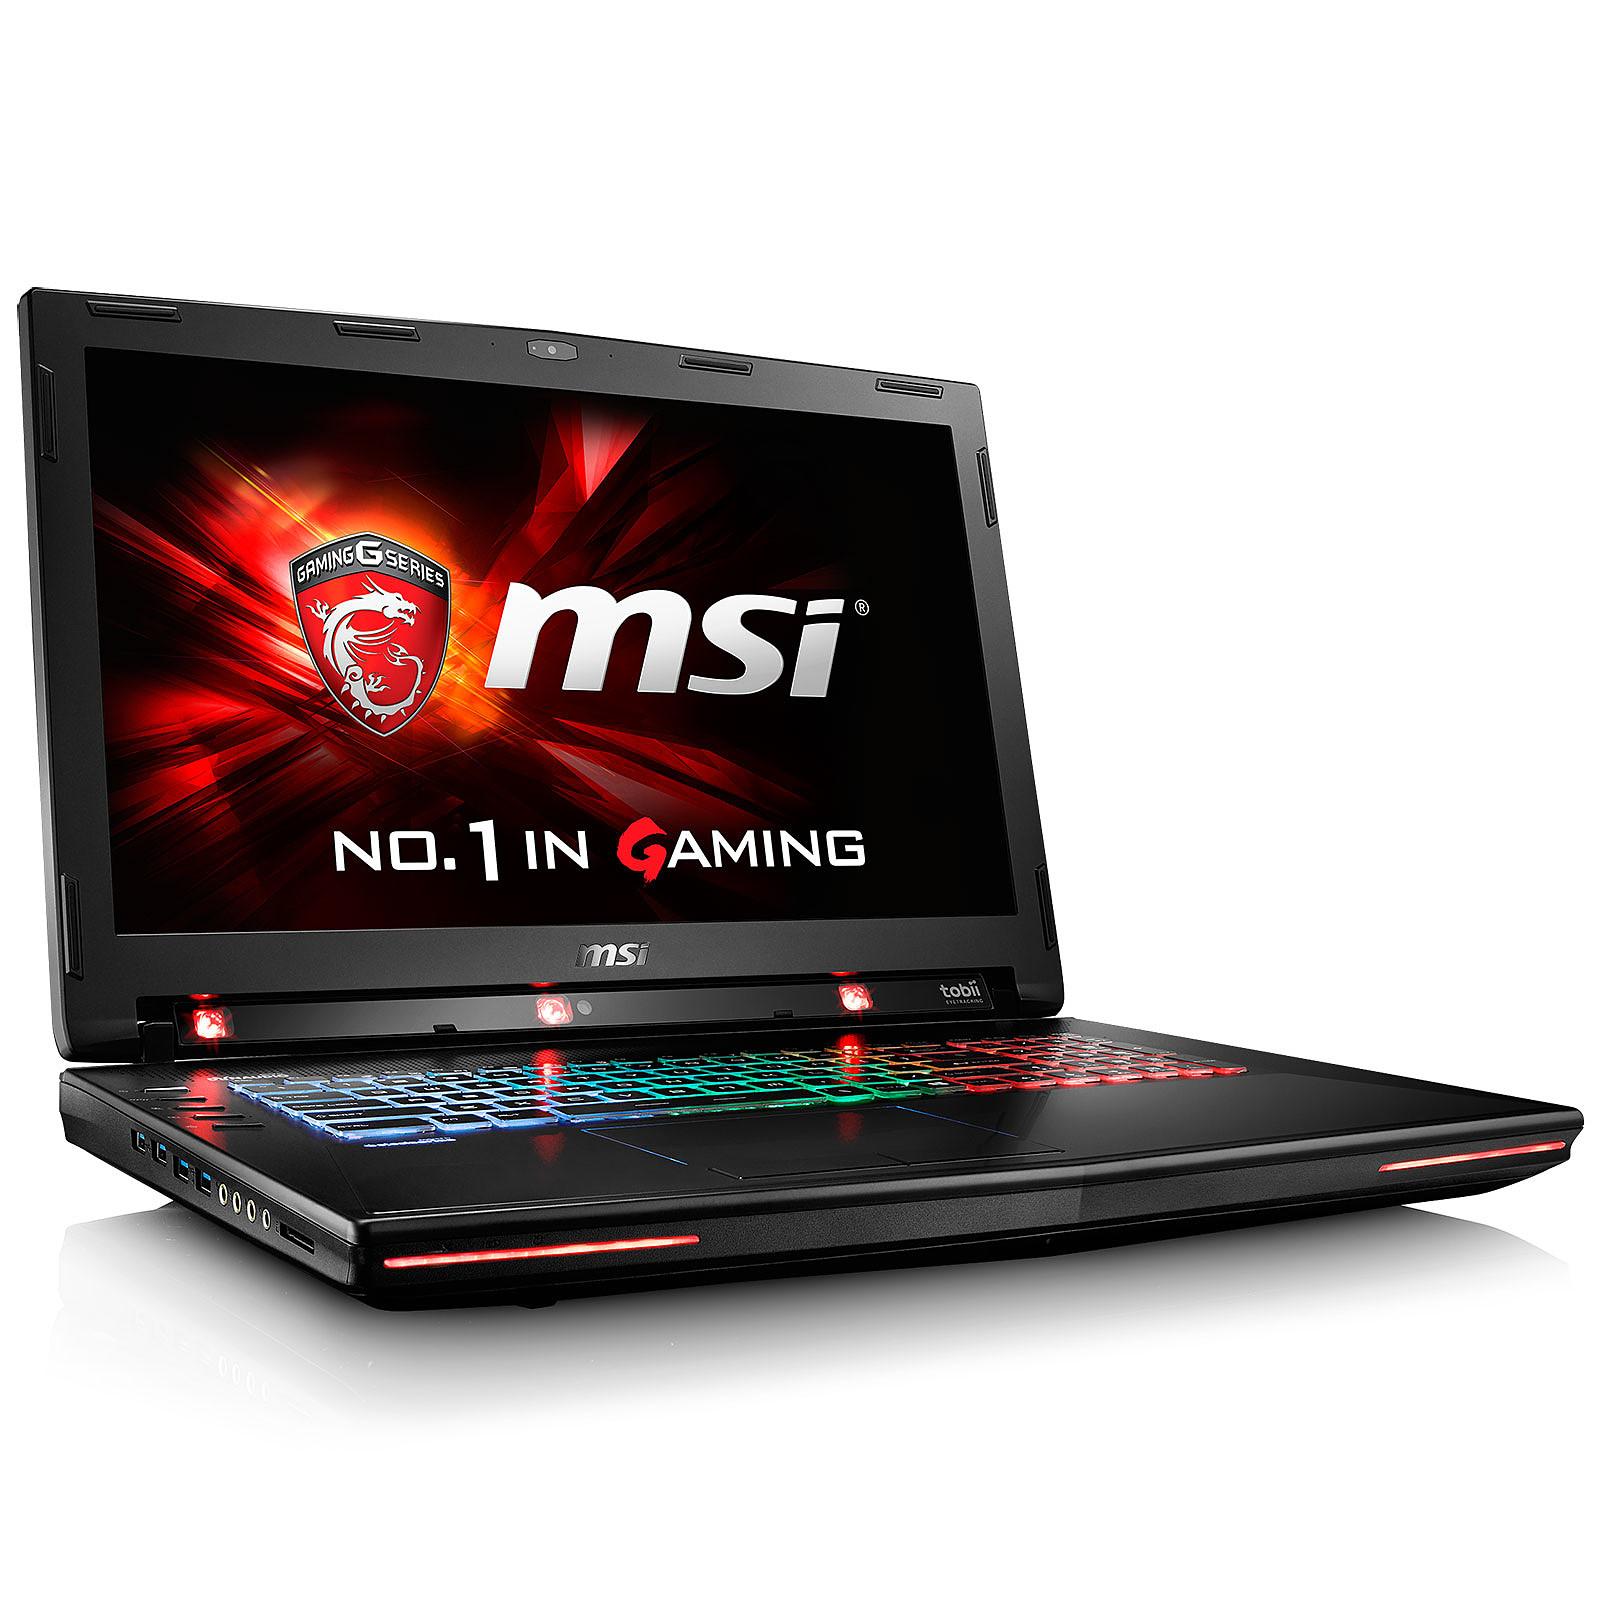 MSI GT72S 6QE-857FR Dominator Pro G 4K Tobii